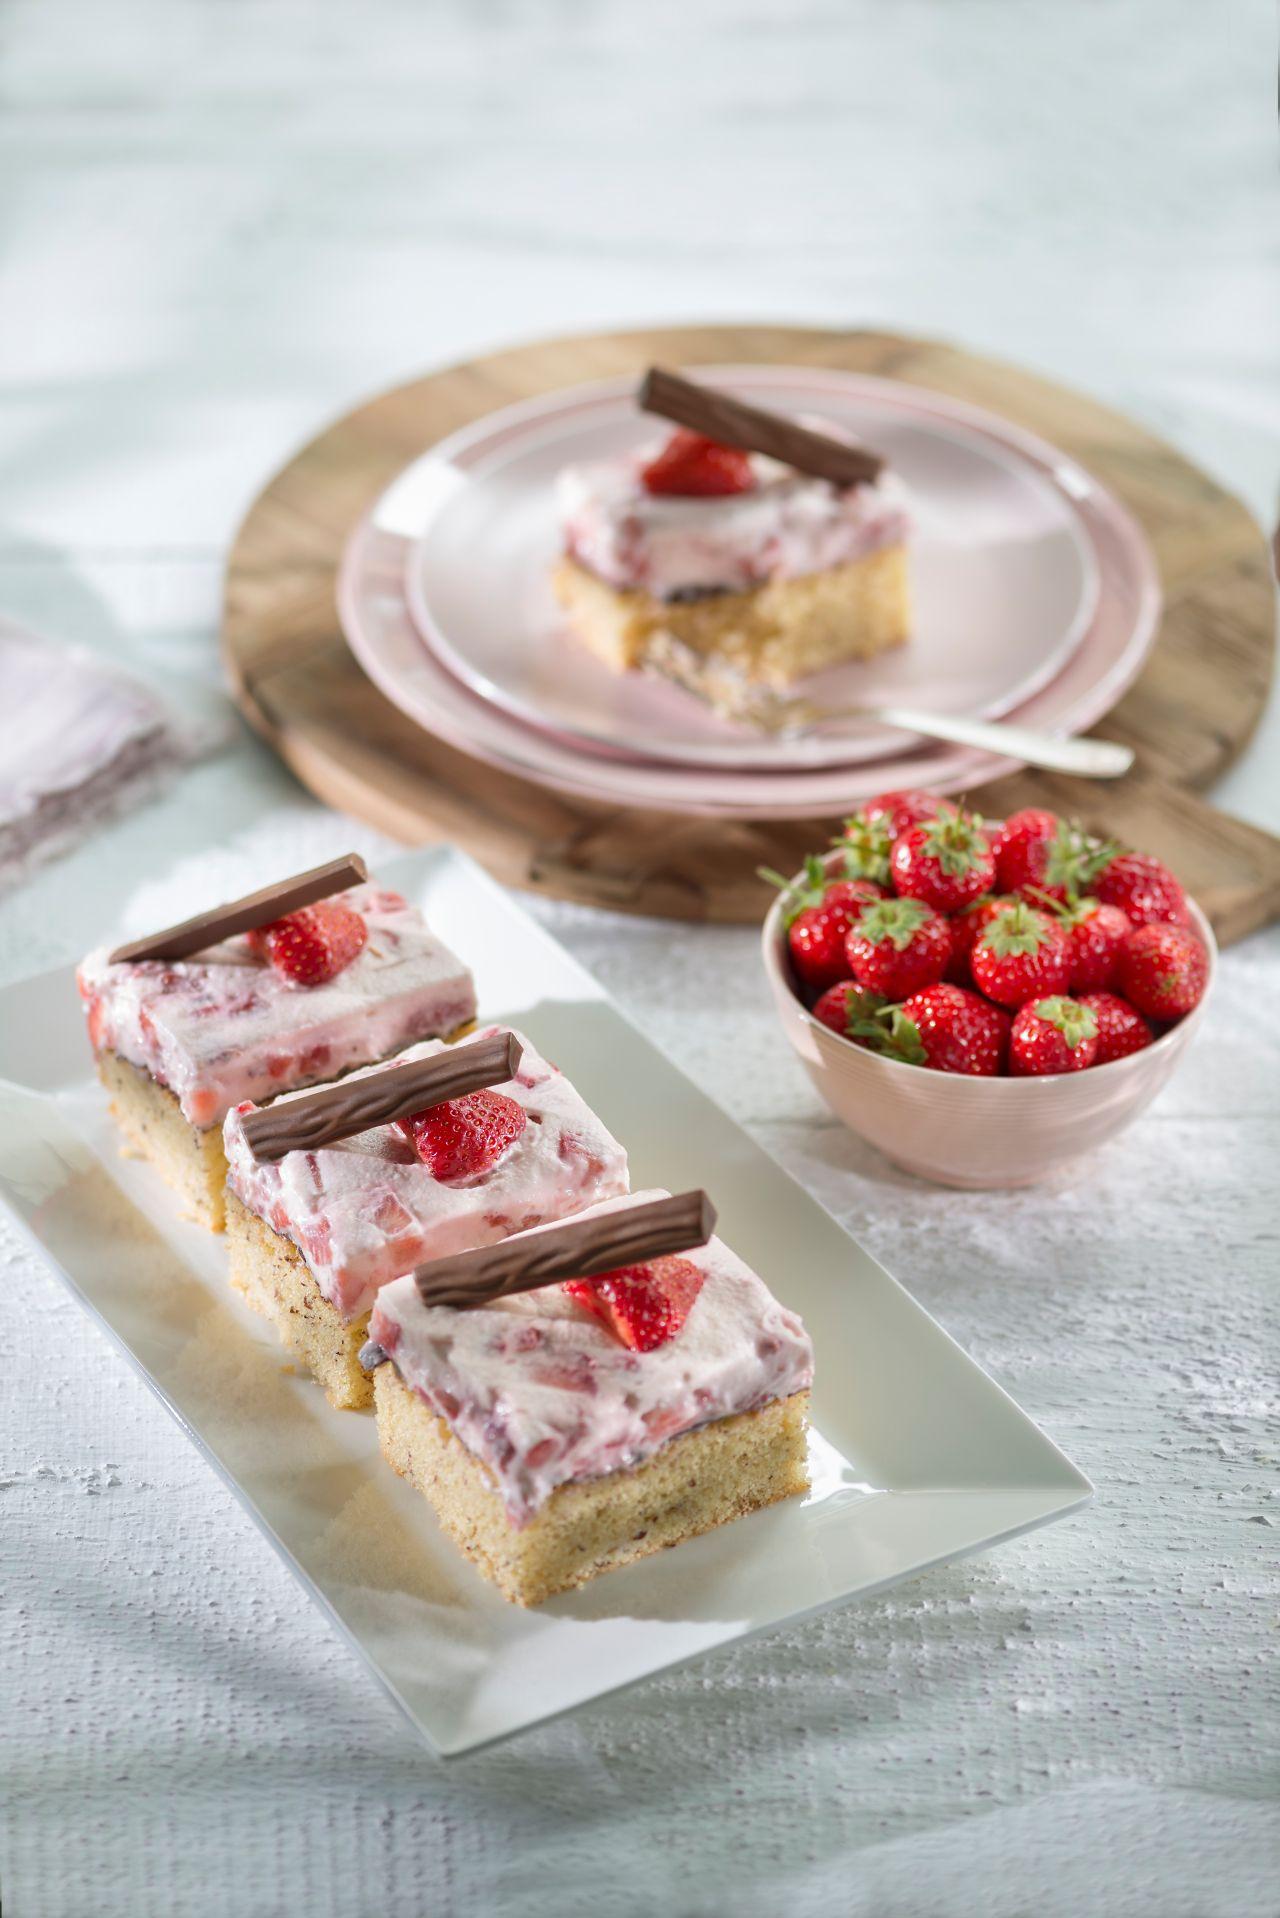 erdbeerbiskuitschnitten przepis wypieki biskuit blechkuchen i erdbeeren. Black Bedroom Furniture Sets. Home Design Ideas